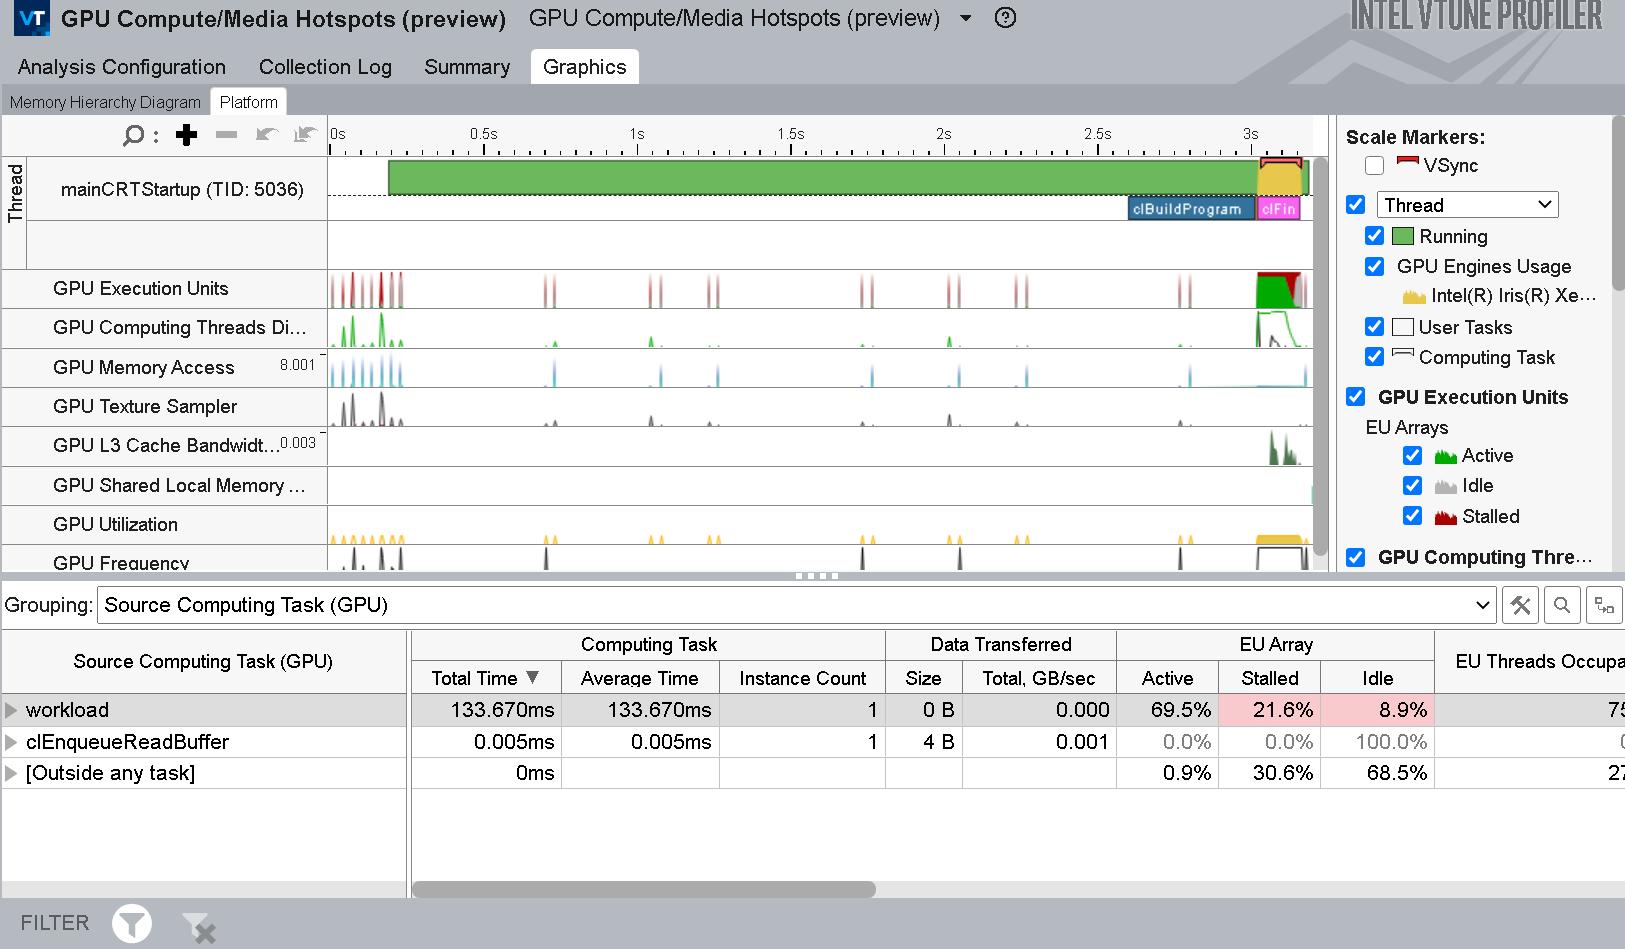 GPU ホットスポット解析のソース計算タスクのグループ化